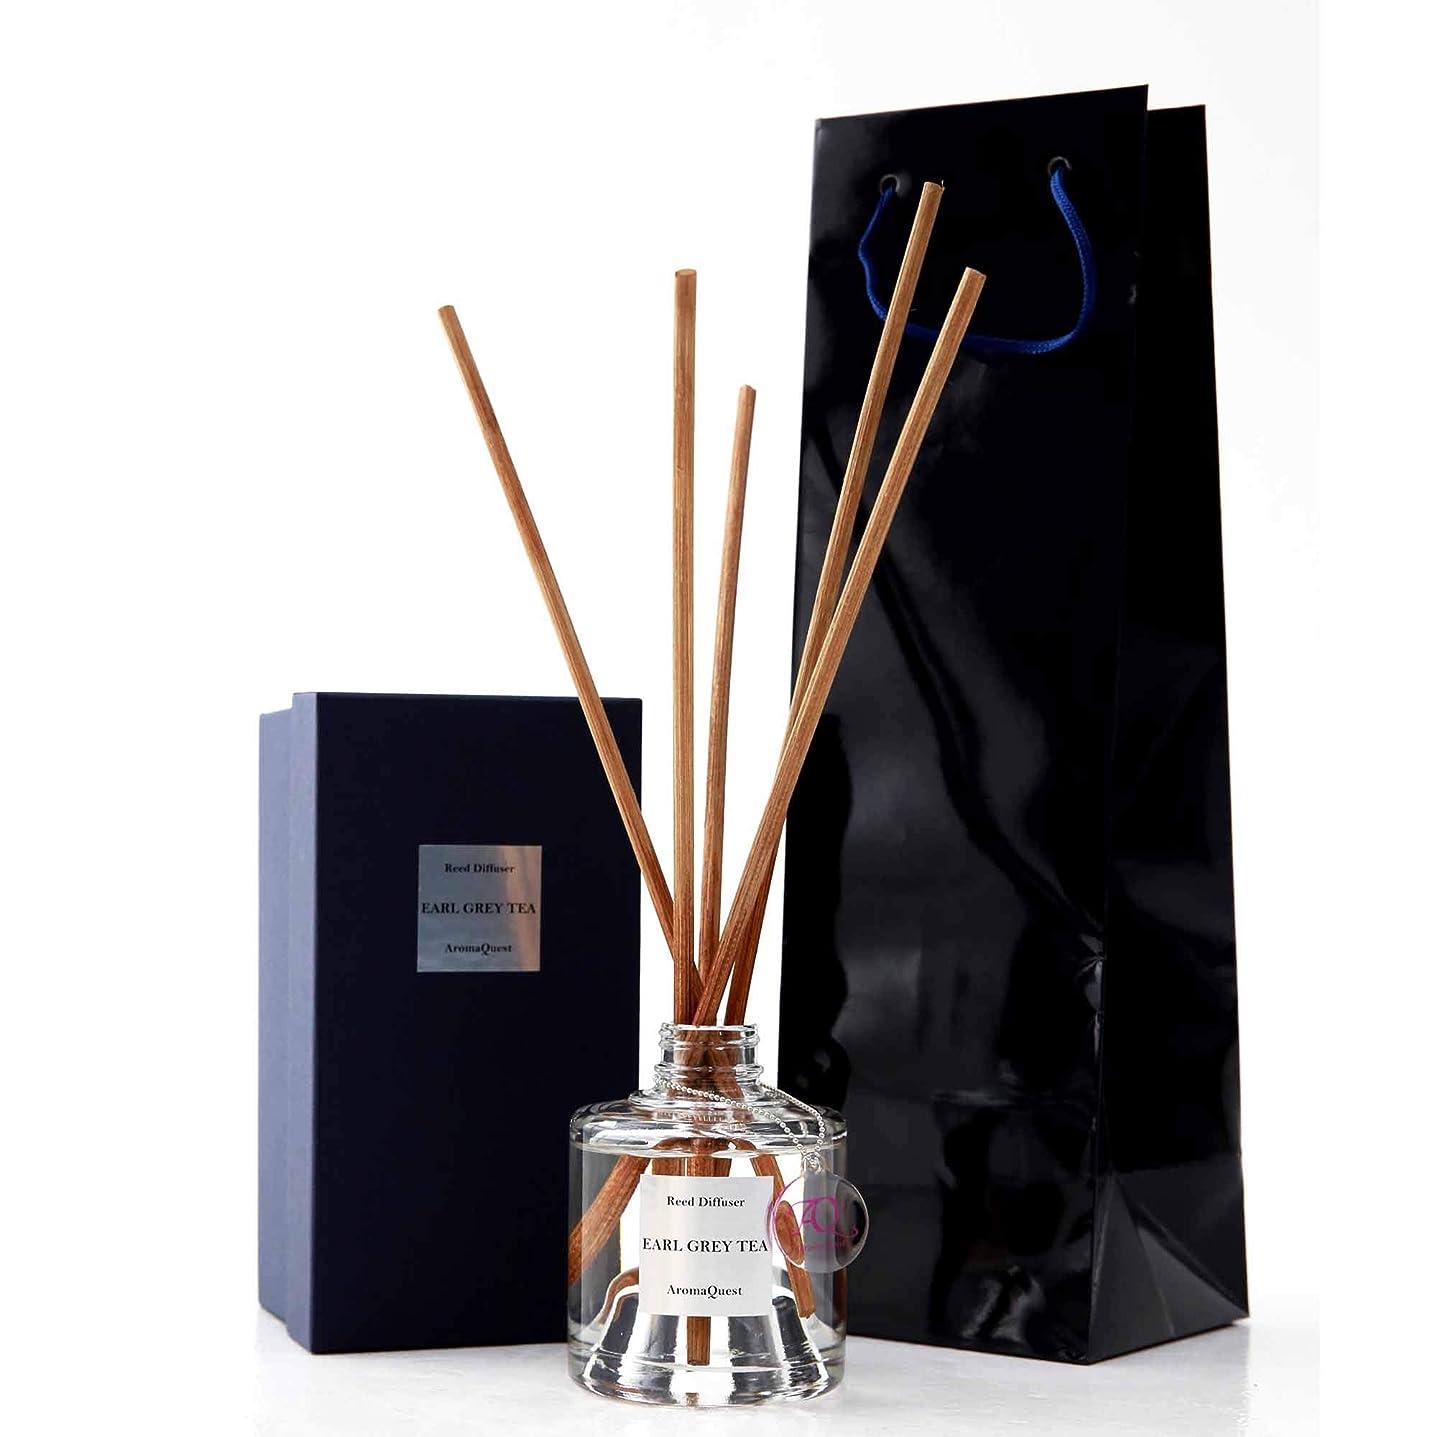 バイオリン吸収軽蔑するルームフレグランス リードディフューザー アロマディフューザー 150ml アールグレイティー EARL GREY TEA 紅茶の香り